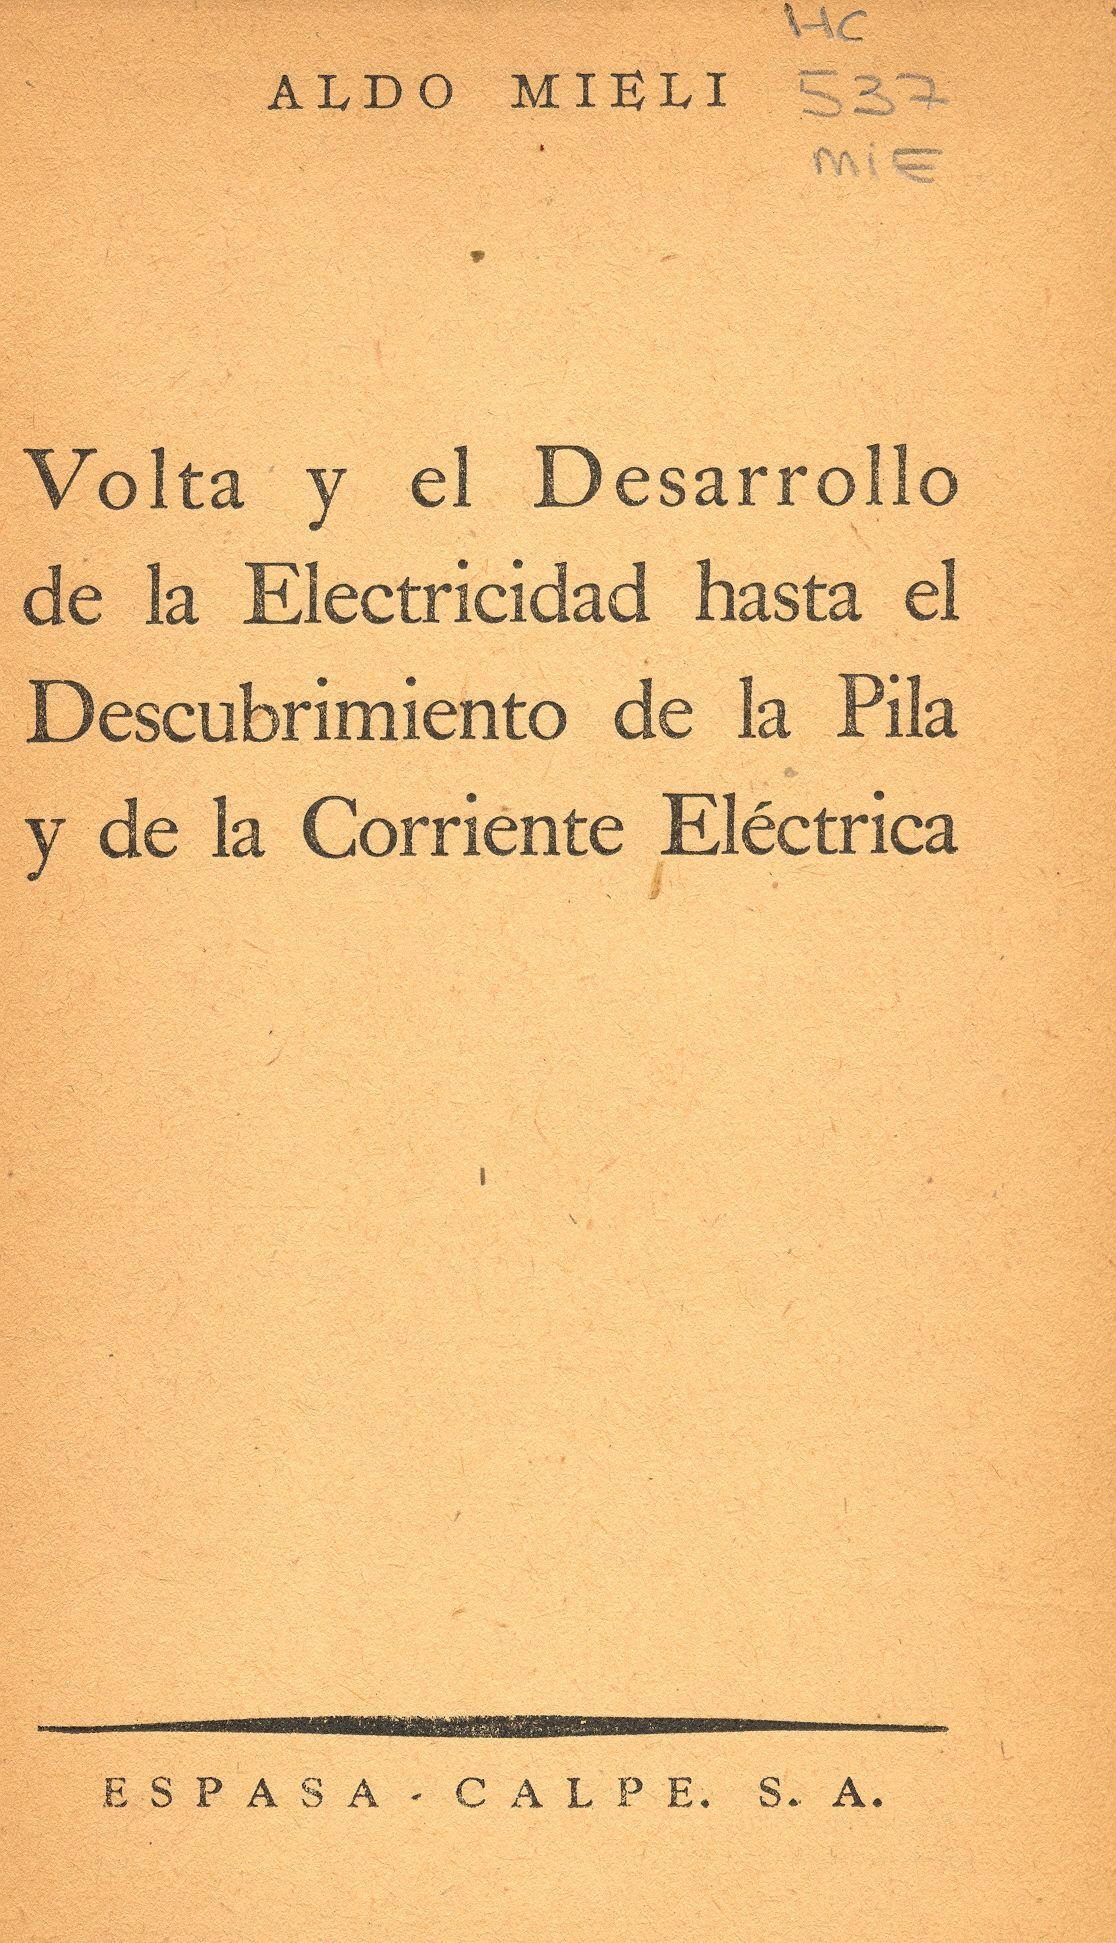 Volta y el desarrollo de la electricidad hasta el descubrimiento de la pila y de la corriente eléctrica. Aldo Mieli. Buenos Aires : Austral, [1945]